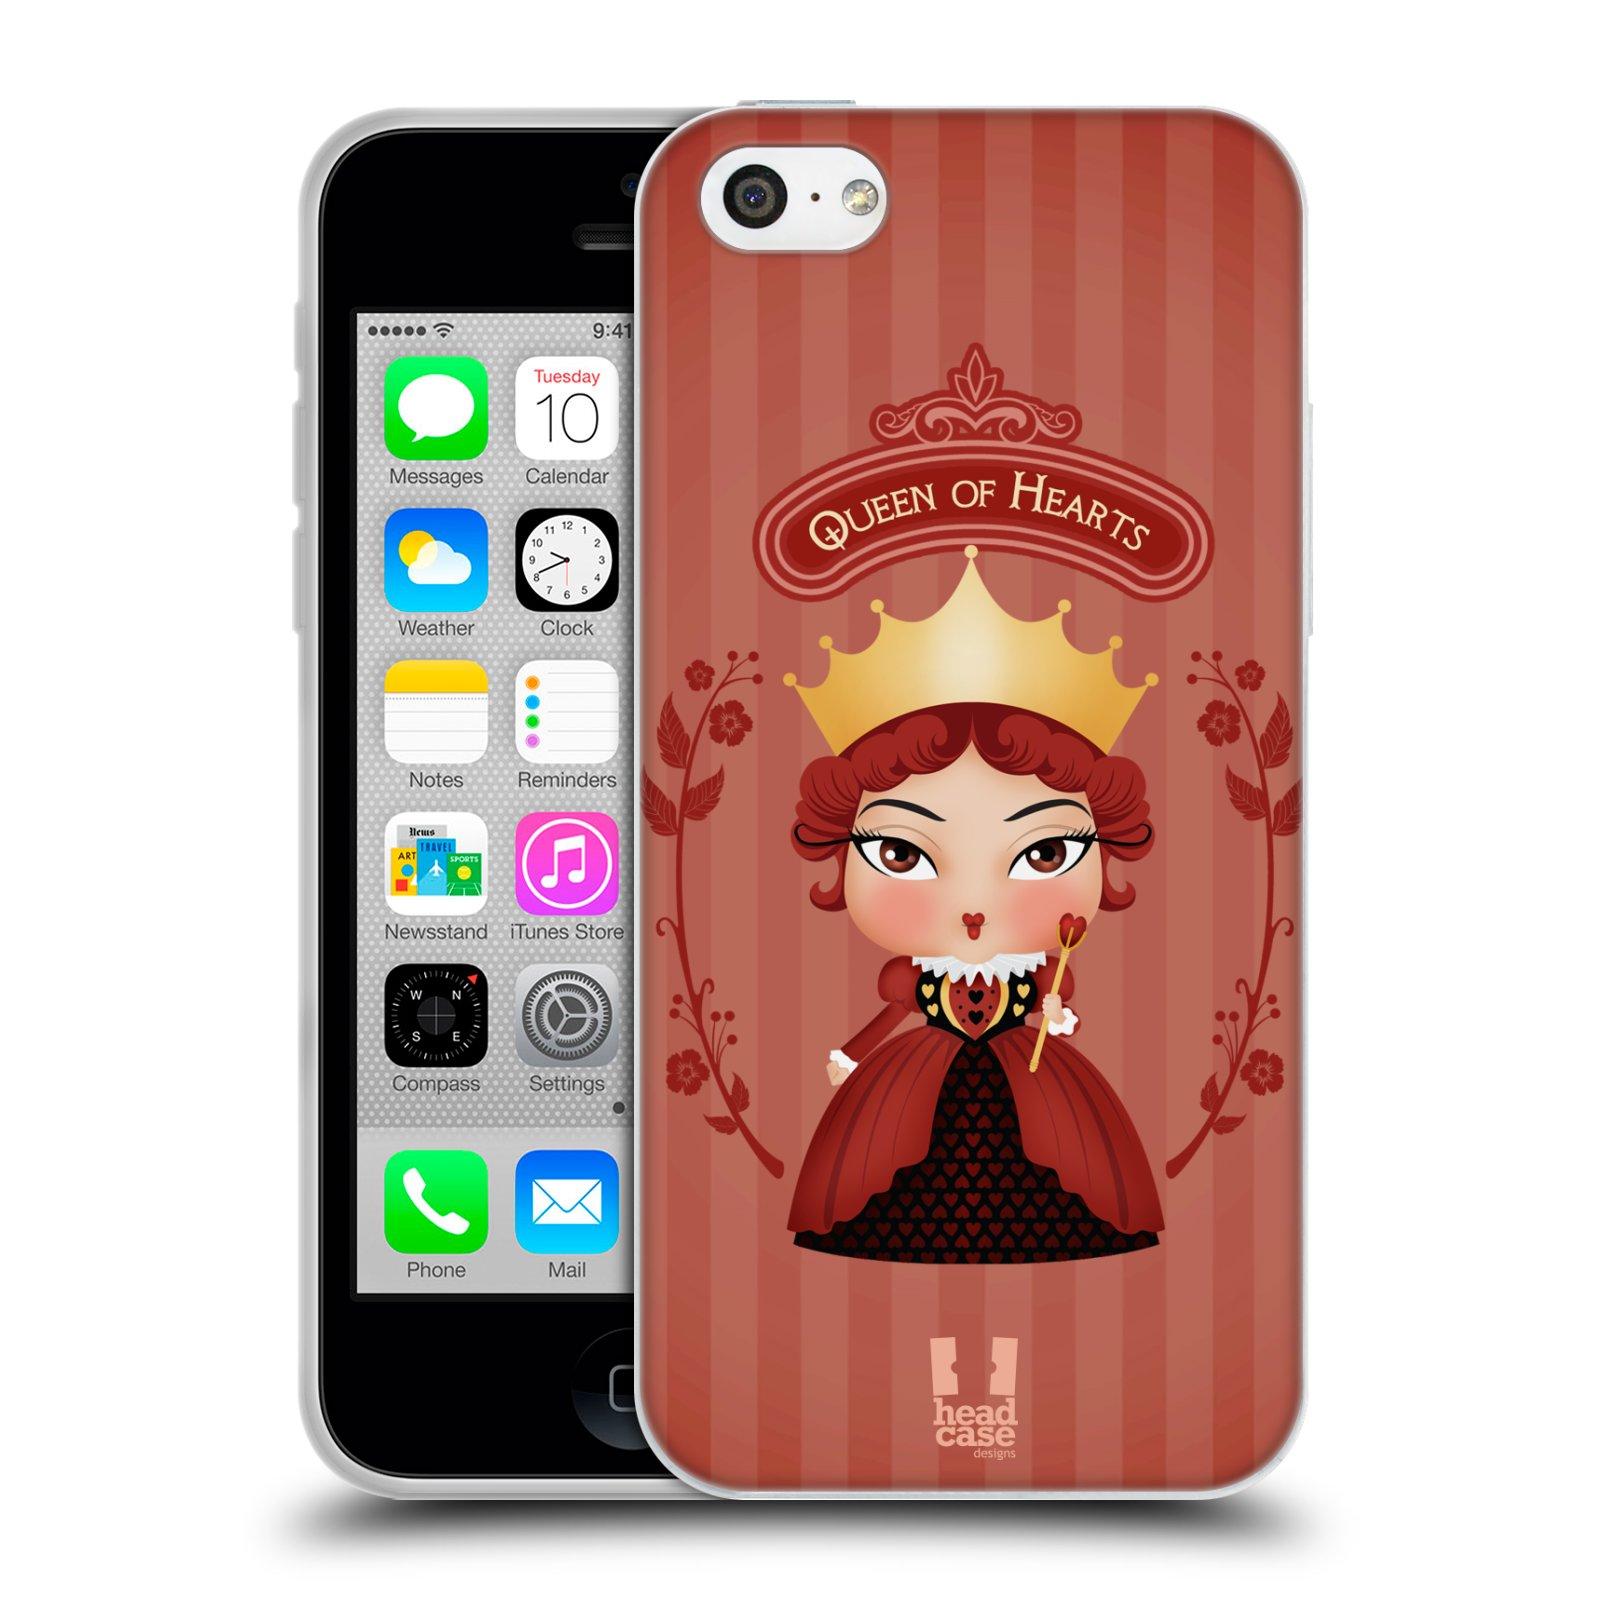 HEAD CASE silikonový obal na mobil Apple Iphone 5C vzor Alenka v říši divů královna